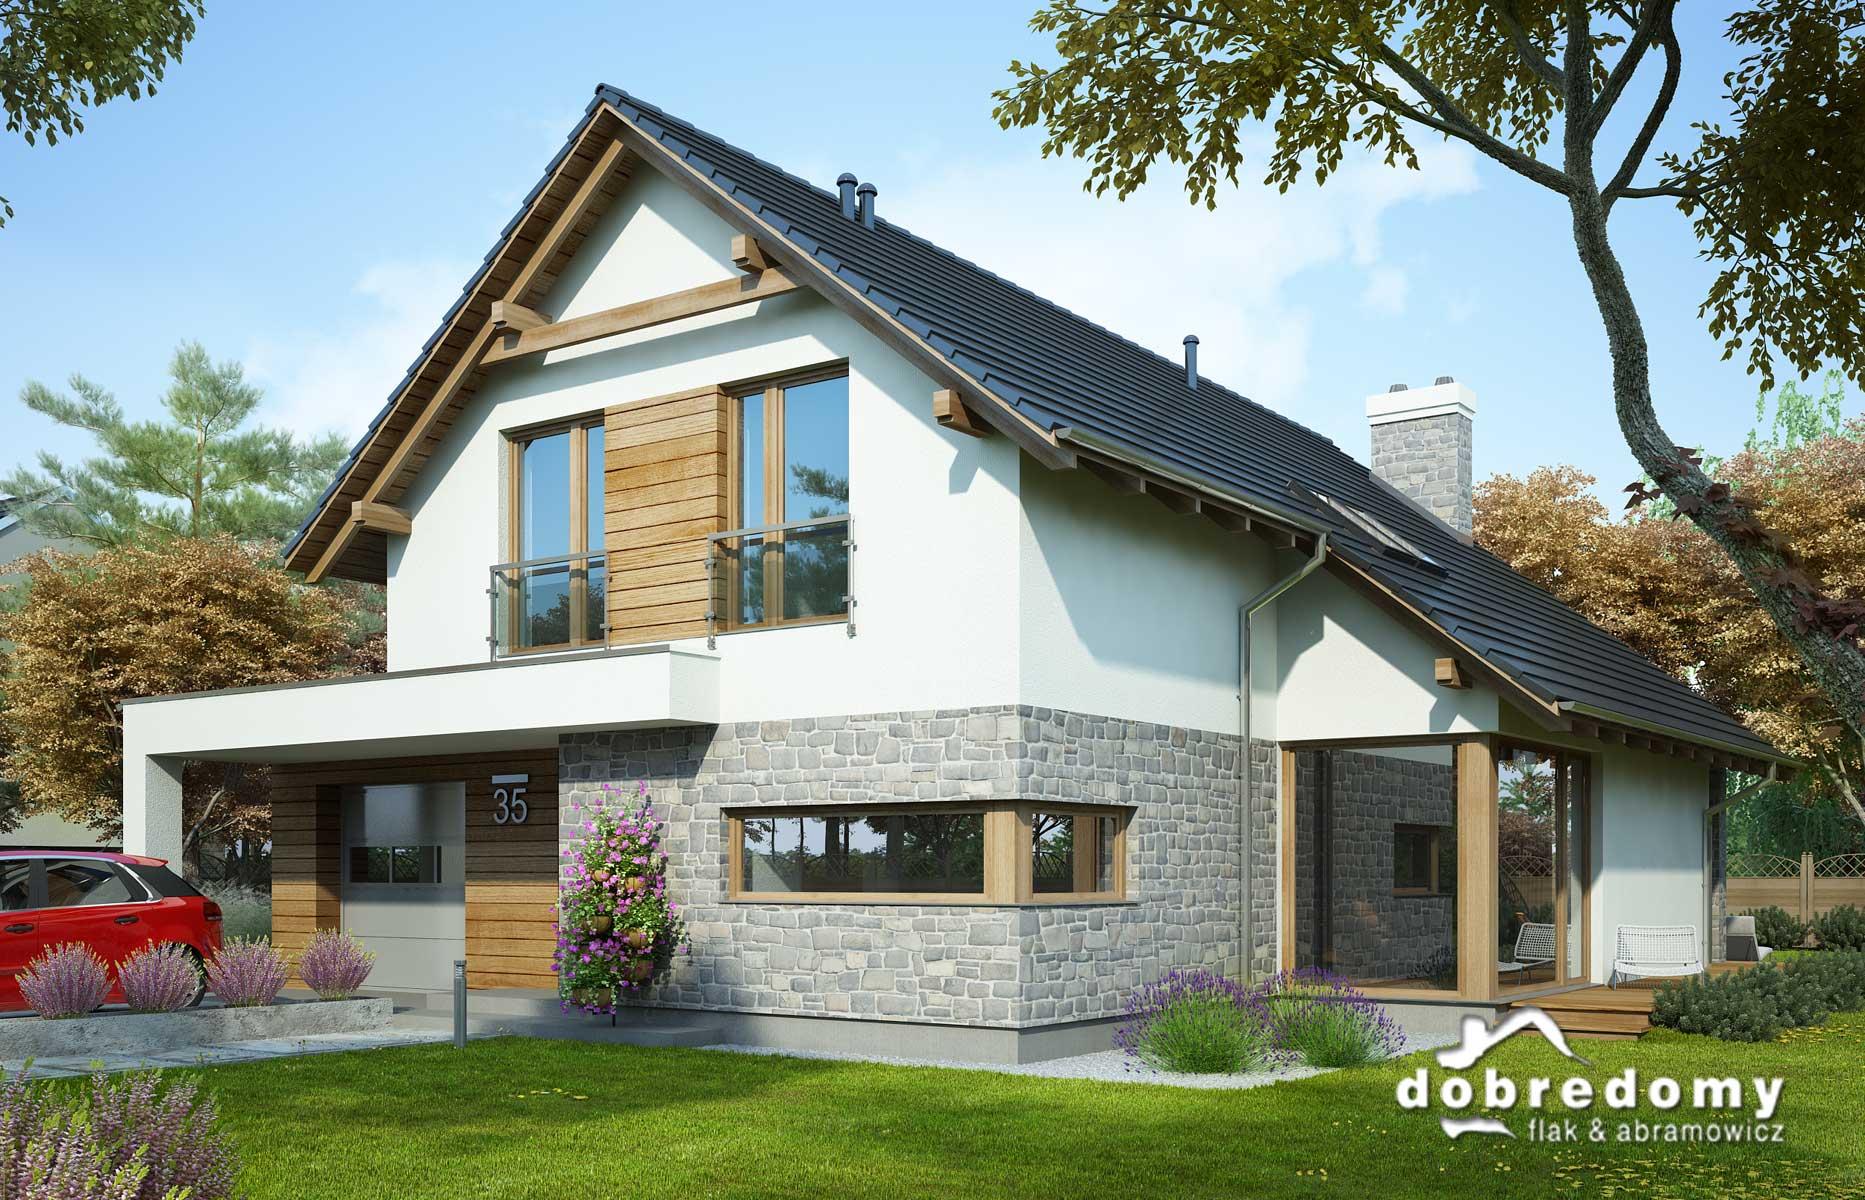 Skandynawia na co dzień. Zbuduj dom w minimalistycznym stylu